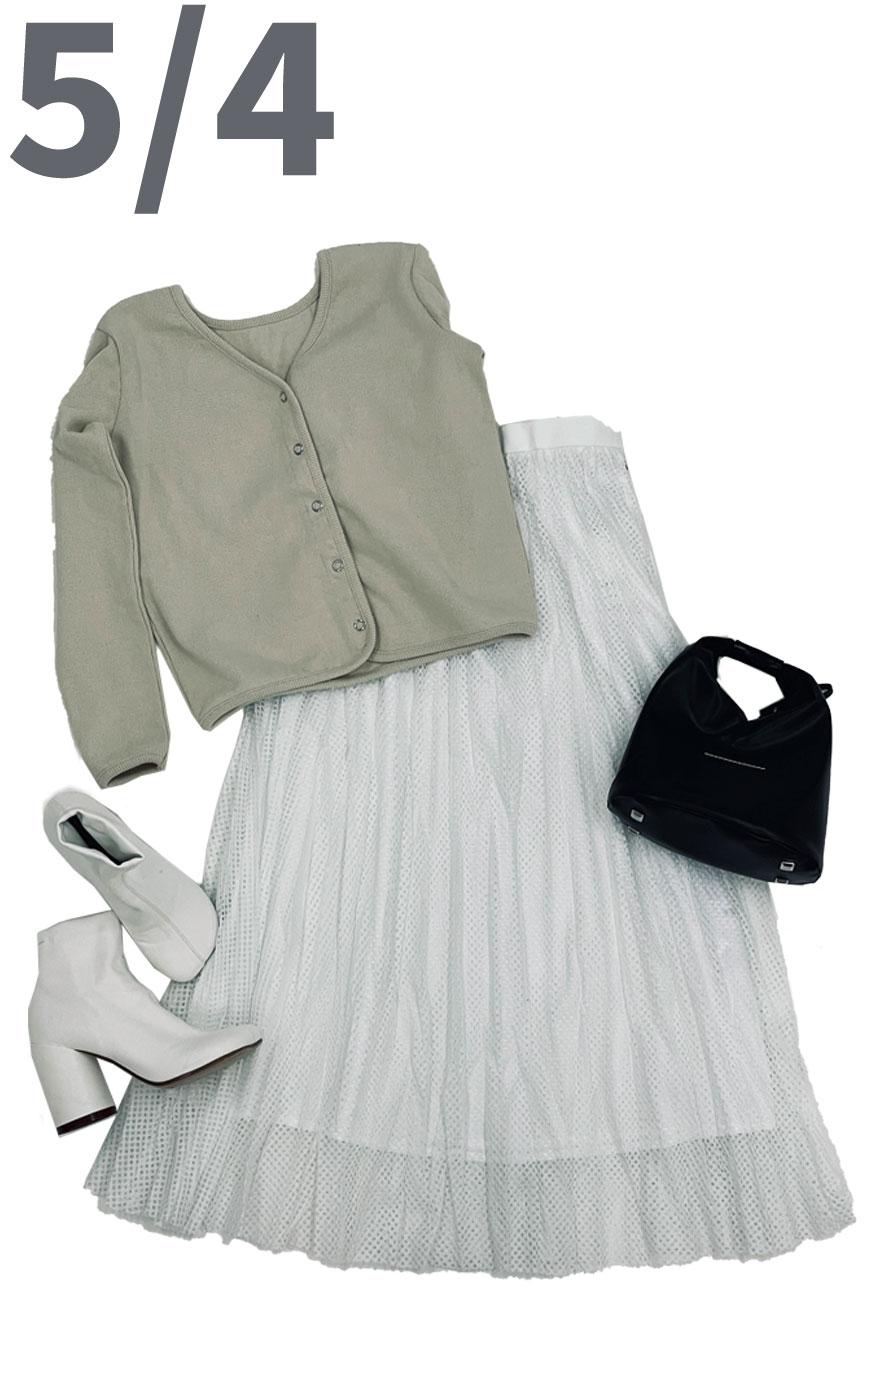 ベージュカラーのカーディガンとメッシュ素材のスカートを合わせたきれいめで可愛いコーディネート。淡色コーディネートですがトップスのリブとスカートのメッシュの異素材同士の組み合わせでメリハリがついて旬のコーデに。